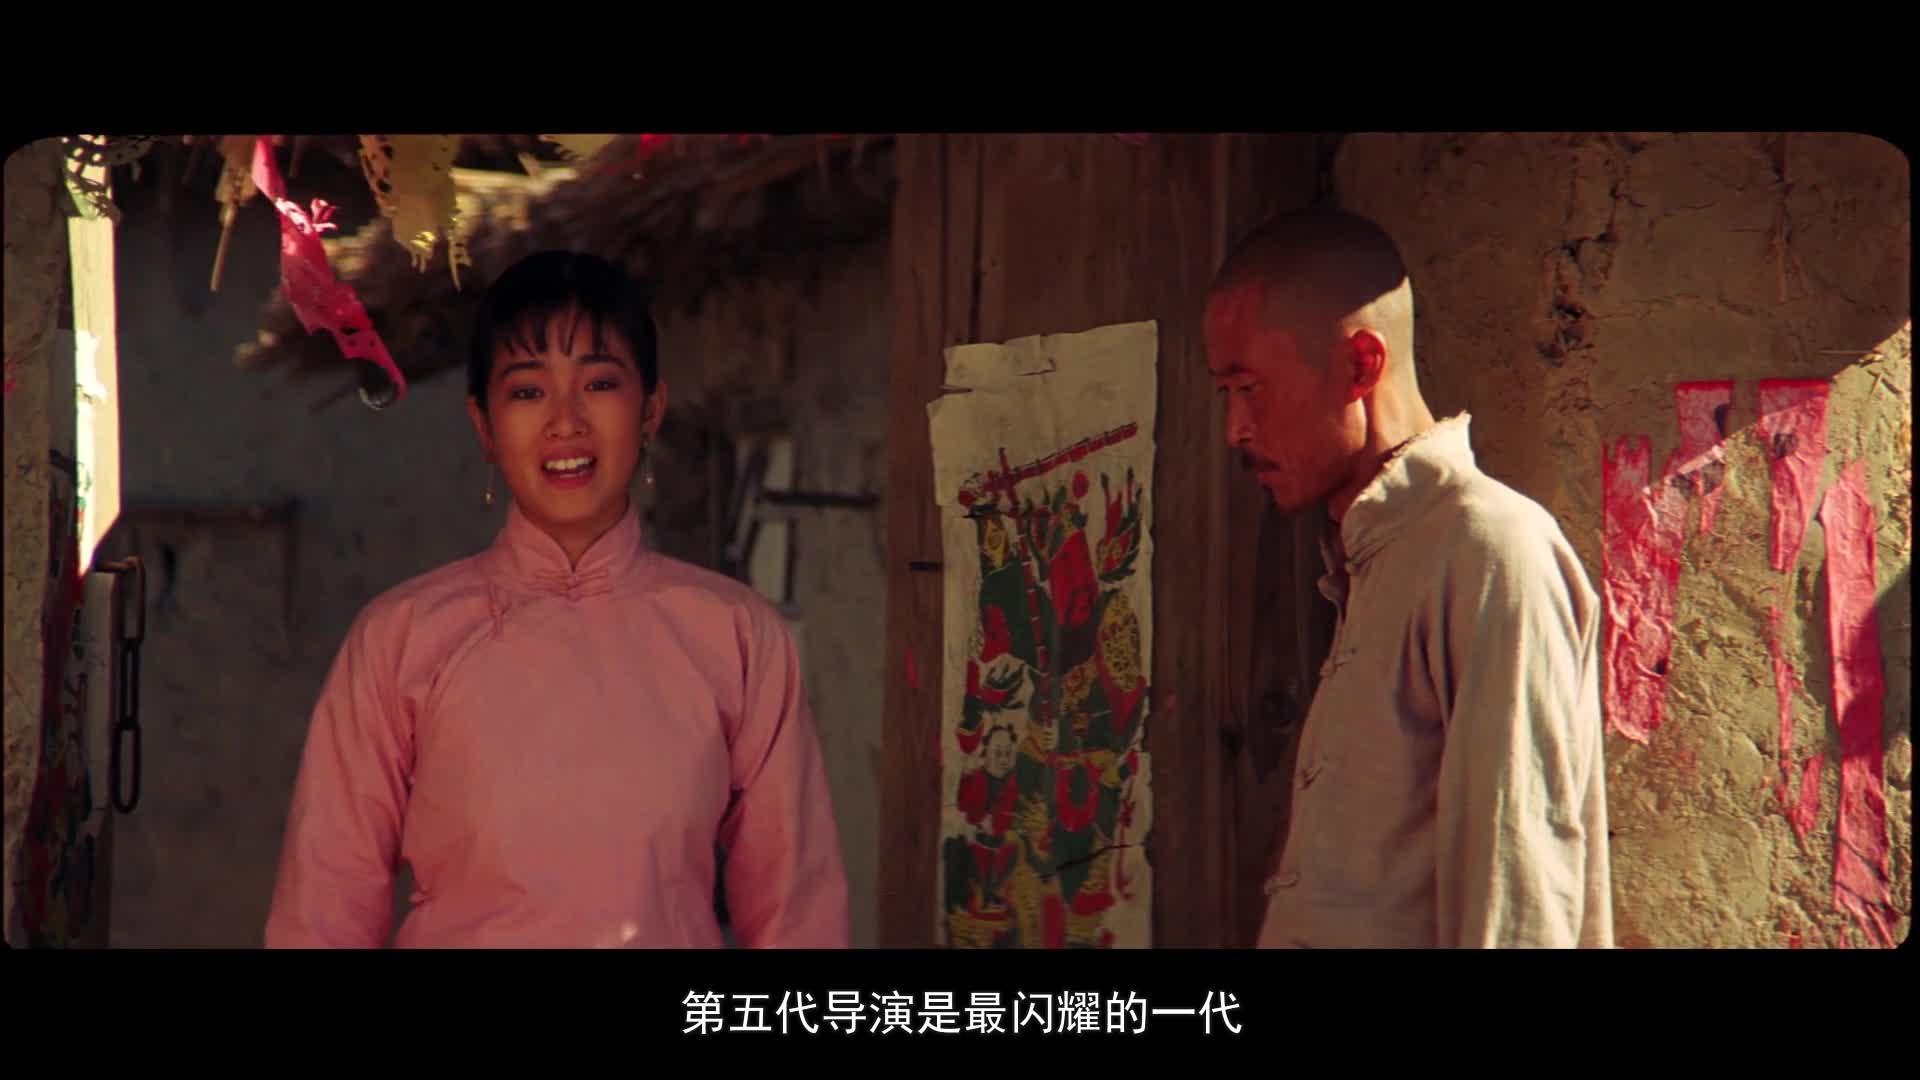 带你回顾难以逾越的经典 亚洲首座金熊奖影片《红高粱》